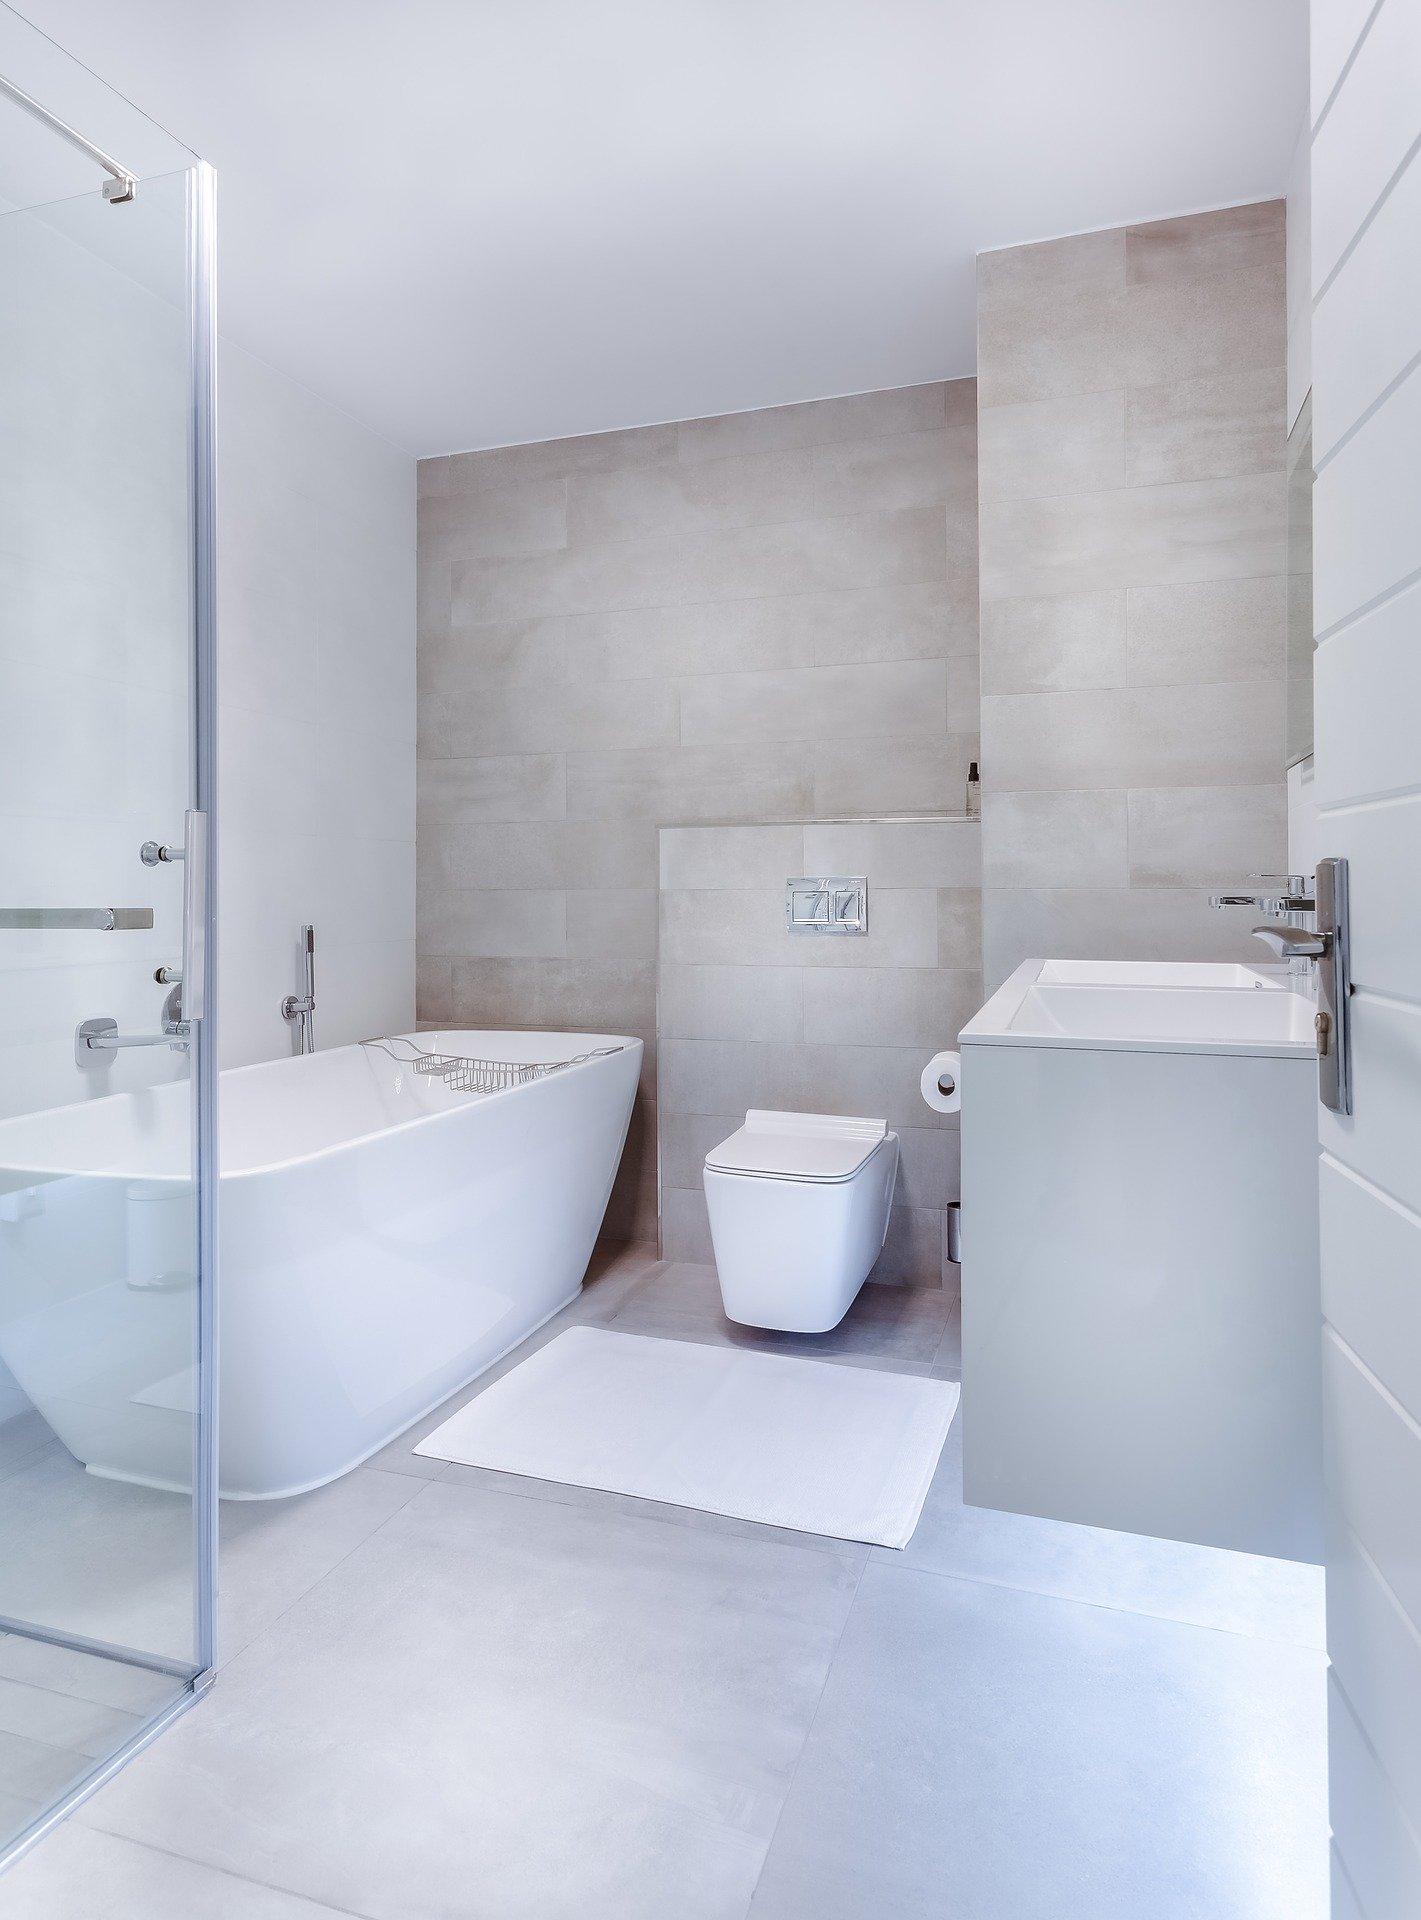 Il y a une salle de bain moderne qu'on aimerait tous avec chez soi. Une salle de bain à dominance de blanc et beige qui peut faire partie d'un grand appartement de luxe ou une maison avec suite parentale et beaucoup de chambres.